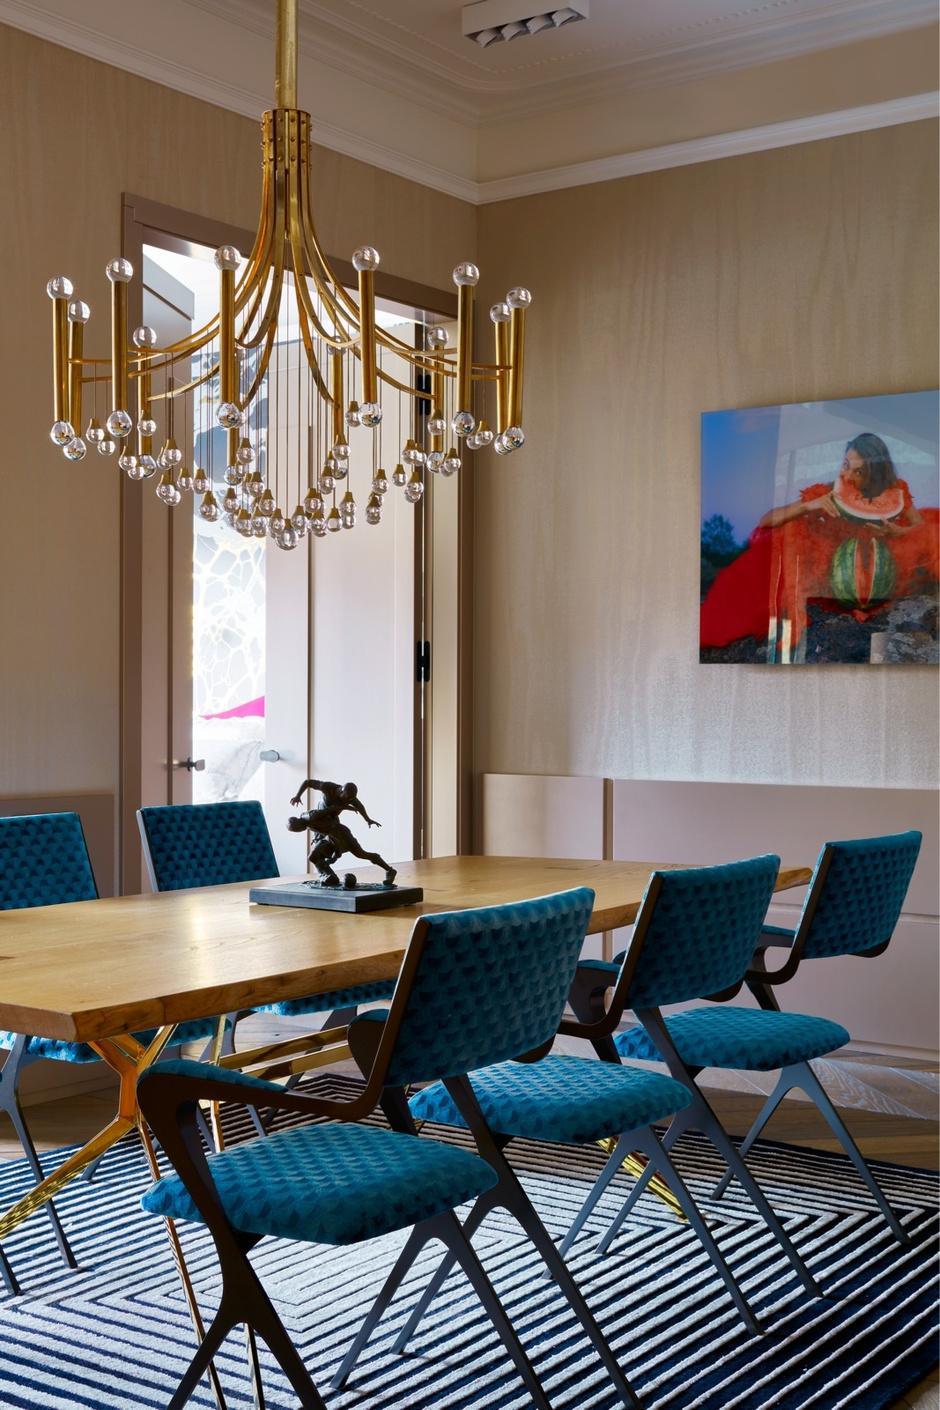 Золото на голубом: квартира 90 м² в Петербурге (фото 0)